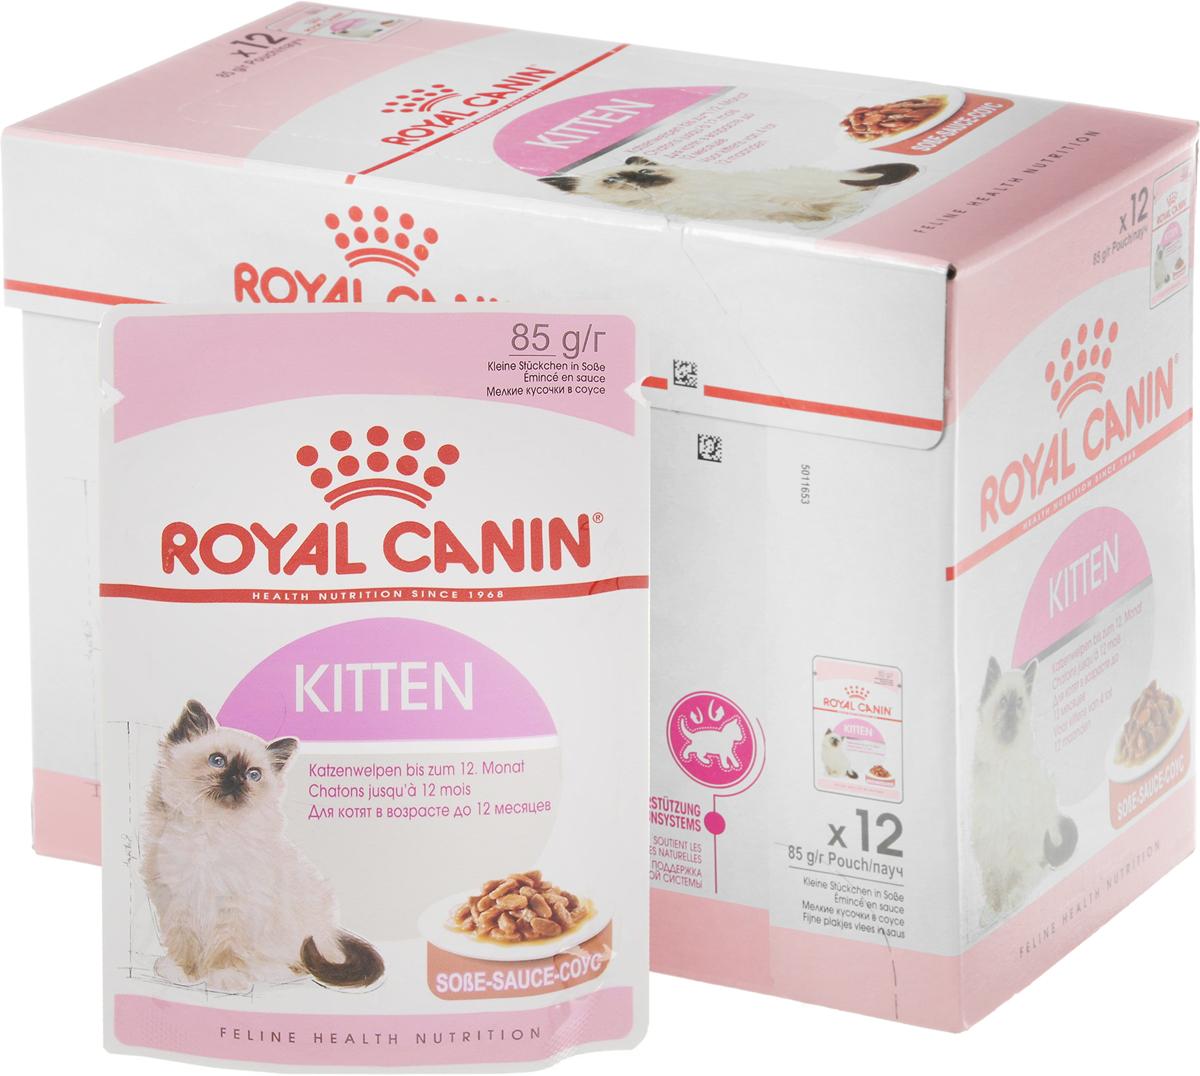 Консервы Royal Canin Kitten Instinctive, для котят с 4 до 12 месяцев, мелкие кусочки в соусе, 85 г, 12 шт66072Консервы Royal Canin Kitten Instinctive - полнорационный влажный корм для котят с 4 до 12 месяцев. Котенок во 2-й фазе роста продолжает расти, только рост происходит не так активно, как в 1-й фазе, поэтому: - Он предпочитает специальную формулу Macro Nutritional Profile. - Укрепляется костная ткань котенка. Потребность котенка в энергии остается высокой, хотя и несколько меньшей, чем у котят 1-й фазы роста. - У котят прорезаются постоянные зубы.- Котенок 2-й фазы роста уже обладает собственной иммунной системой, однако его естественные защитные силы пока остаются уязвимыми. Пищевое предпочтение котят.Корм Kitten Instinctive имеет тщательно сбалансированную рецептуру, соответствующую оптимальной формуле Macro Nutritional Profile, инстинктивно предпочитаемой котятами во 2-й фазе роста. Легкое пережевывание. Размер и текстура кусочков корма идеально адаптированы для челюстей котенка. Естественная защита. Корм Kitten Instinctive помогает формированию естественной защитной системы организма котенка, стимулируя выработку антител благодаря маннановым олигосахаридам и комплексу антиоксидантов (витаминам E и C, таурину и лютеину). Состав: мясо и мясные субпродукты, злаки, экстракты белков растительного происхождения, субпродукты растительного происхождения, молоко и продукты его переработки, масла и жиры, минеральные вещества, дрожжи, углеводы. Добавки (в 1 кг): Витамин D3: 175 ME, Железо: 4 мг, Йод: 0,36 мг, Медь: 2,8 мг, Марганец: 1,3 мг, Цинк: 13 мг.Товар сертифицирован.Уважаемые клиенты!Обращаем ваше внимание на возможные изменения в дизайне упаковки. Качественные характеристики товара остаются неизменными. Поставка осуществляется в зависимости от наличия на складе.